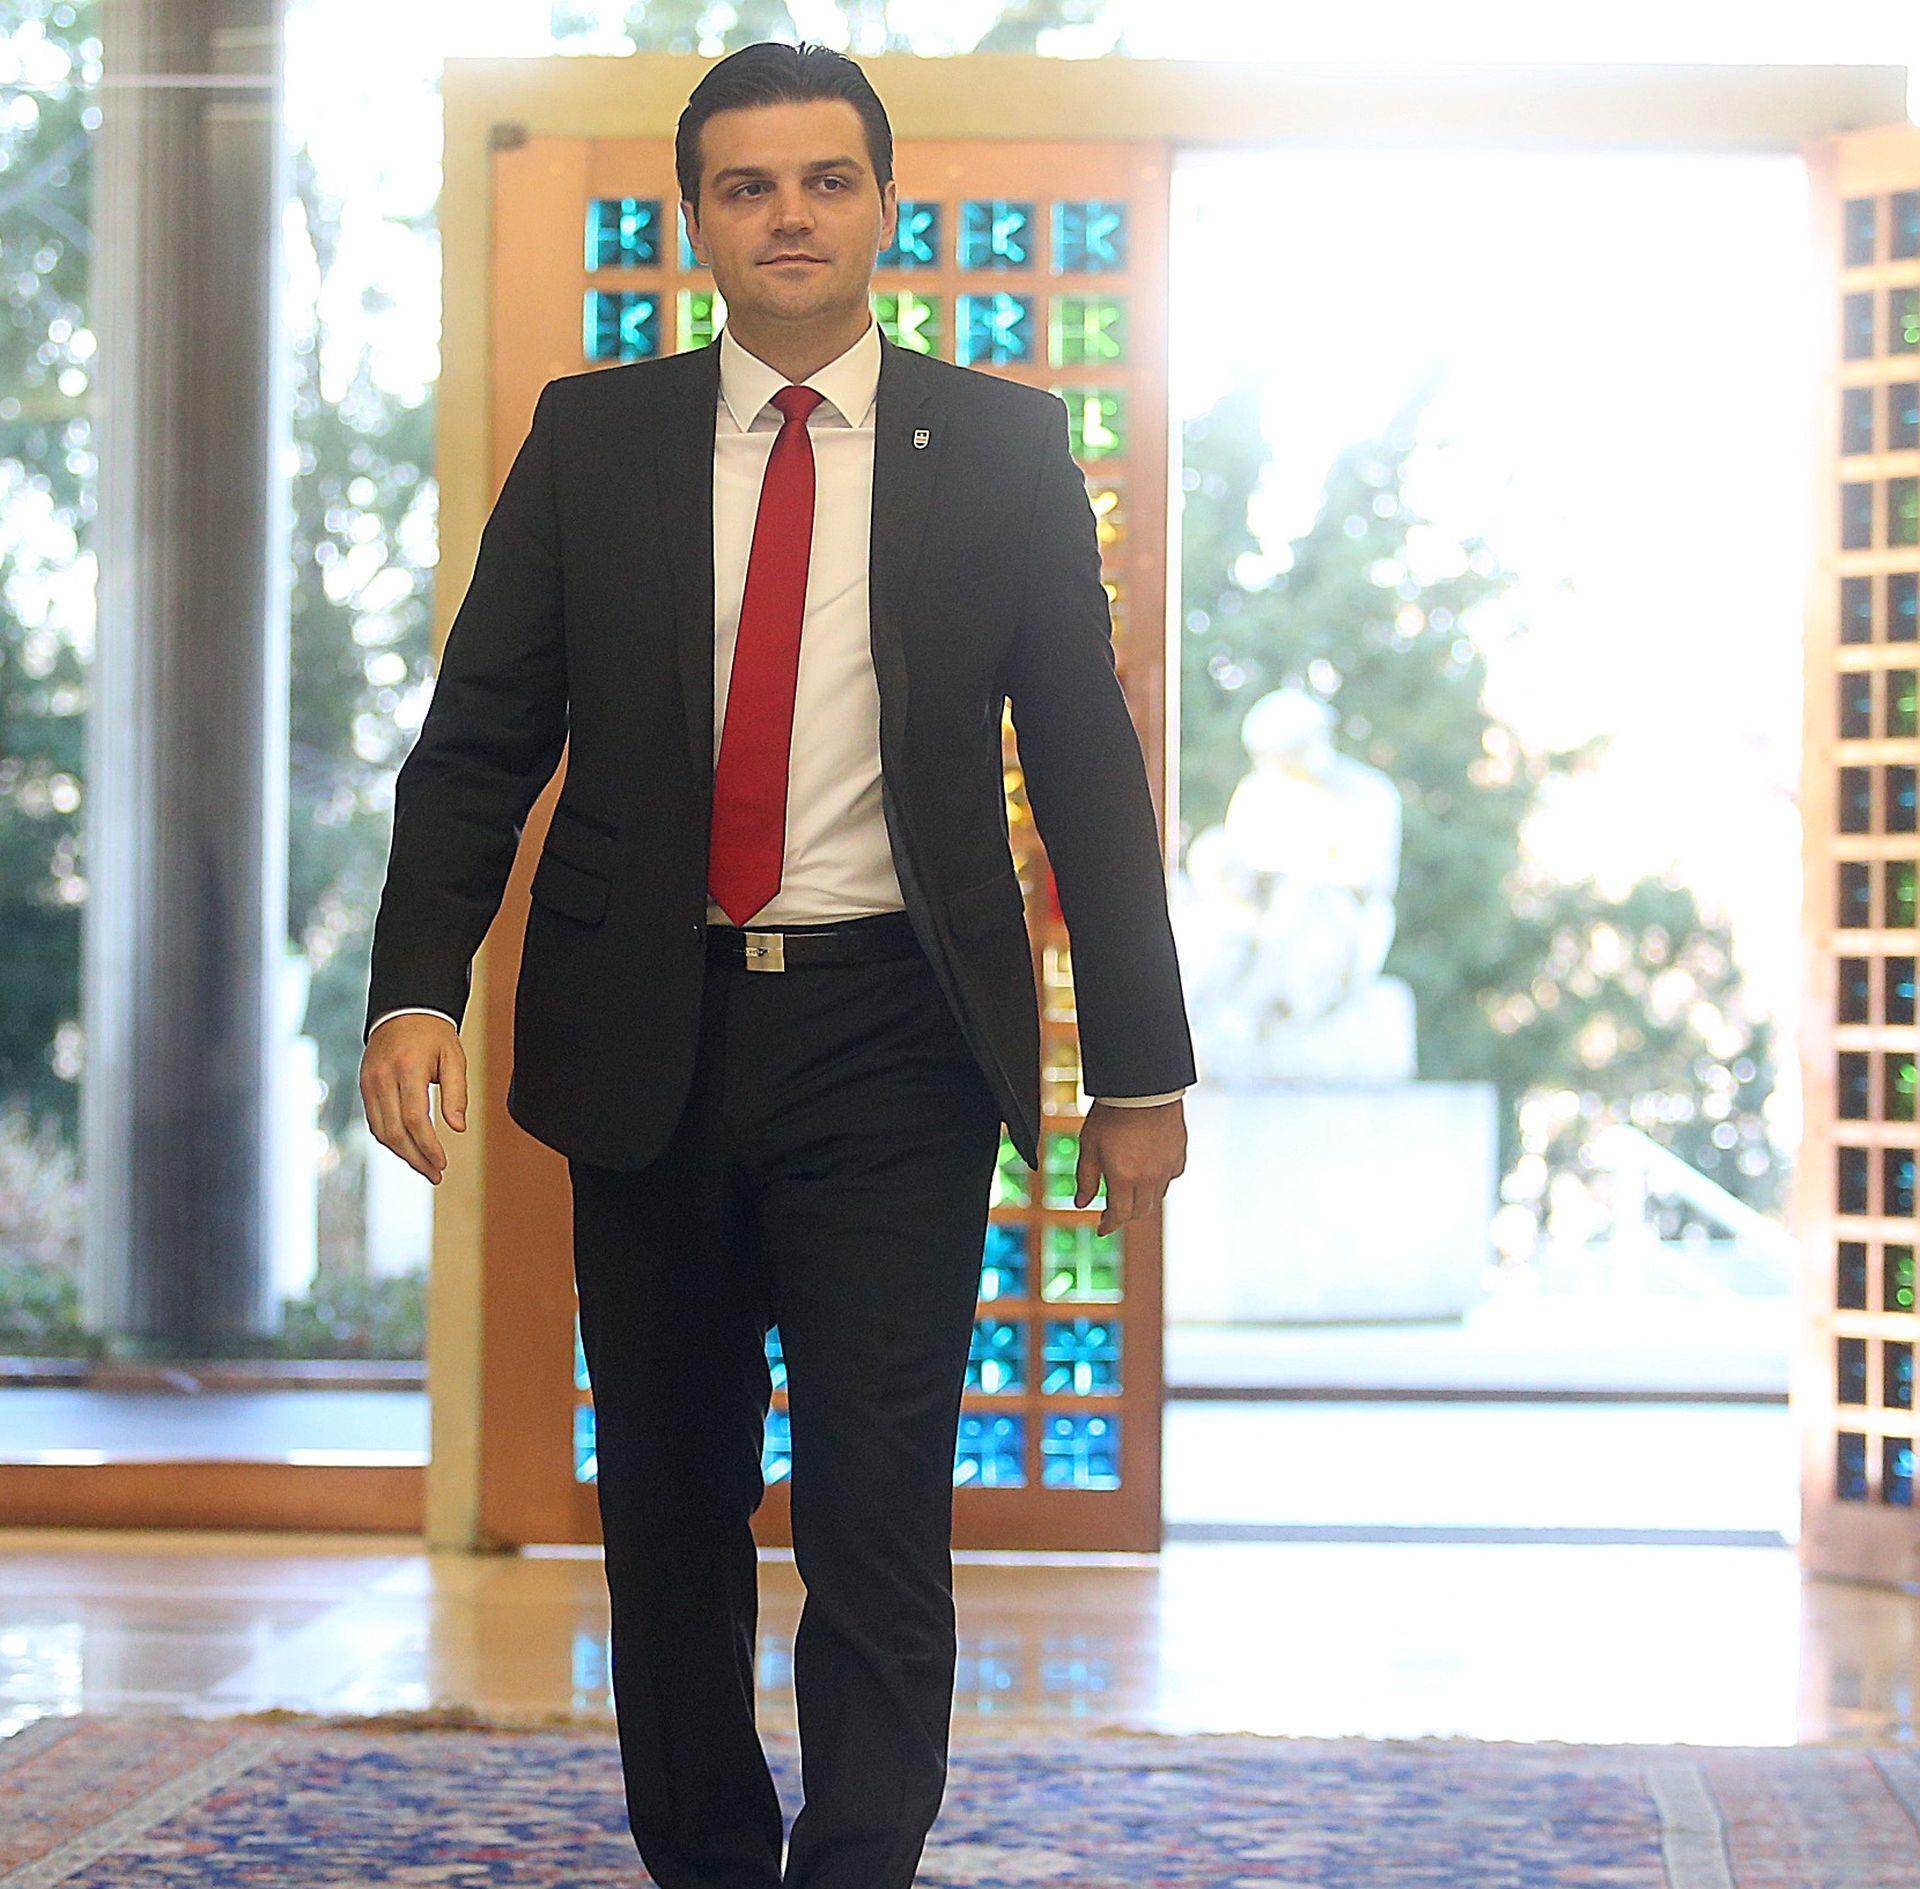 ODLUKA HDSSB-a Vulin: 'Nećemo sudjelovati u preslagivanju, suradnje s Karamarkom nema'